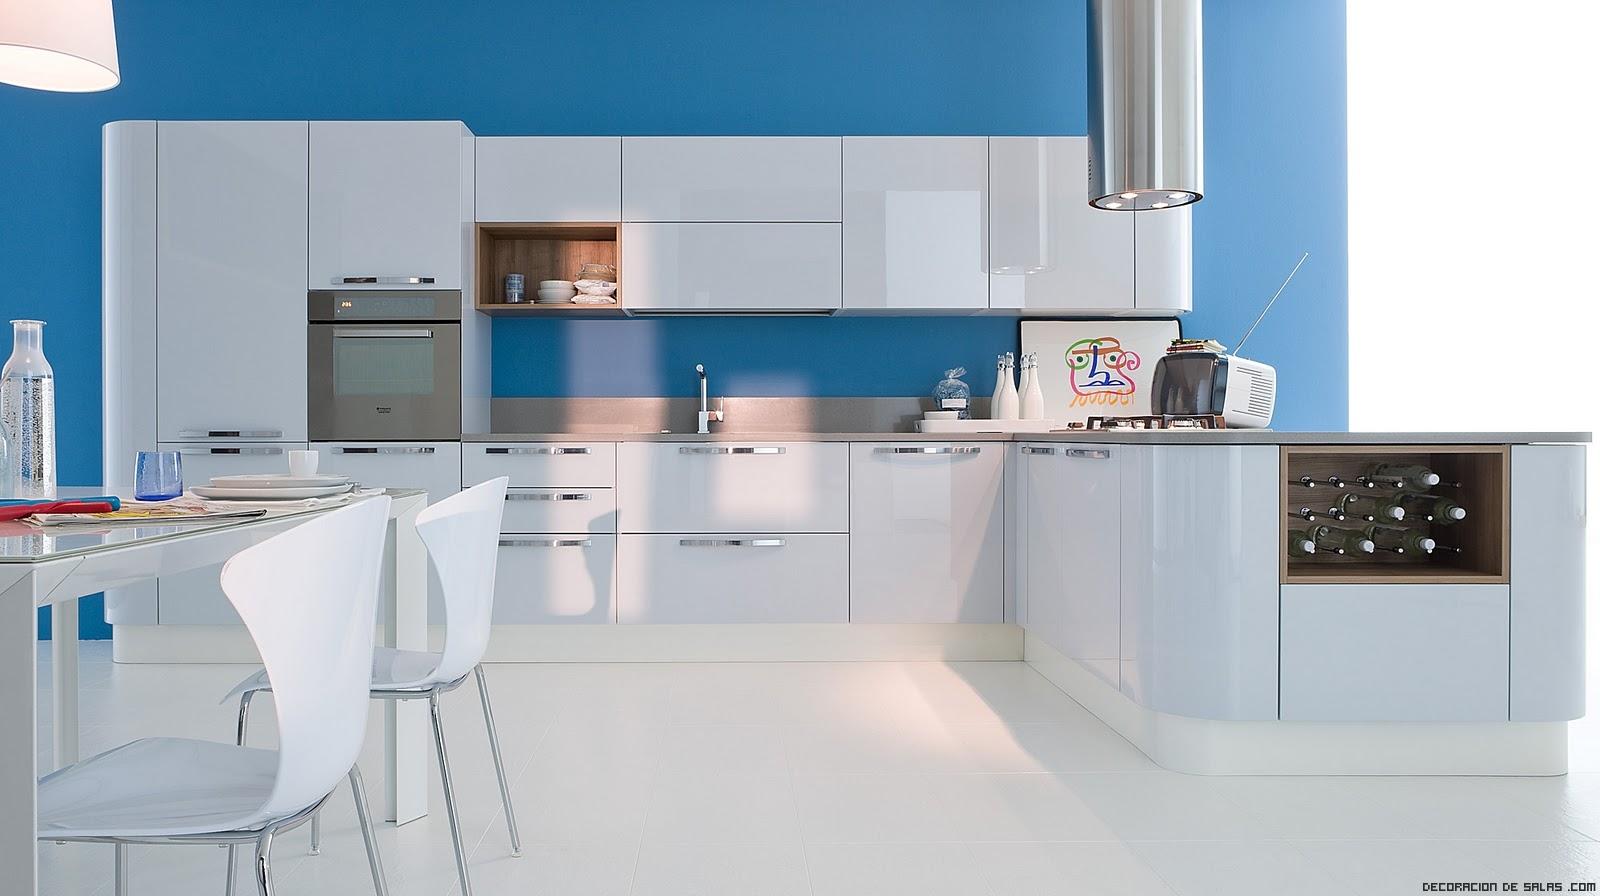 Cocinas en azul - Colores de pintura para cocinas modernas ...